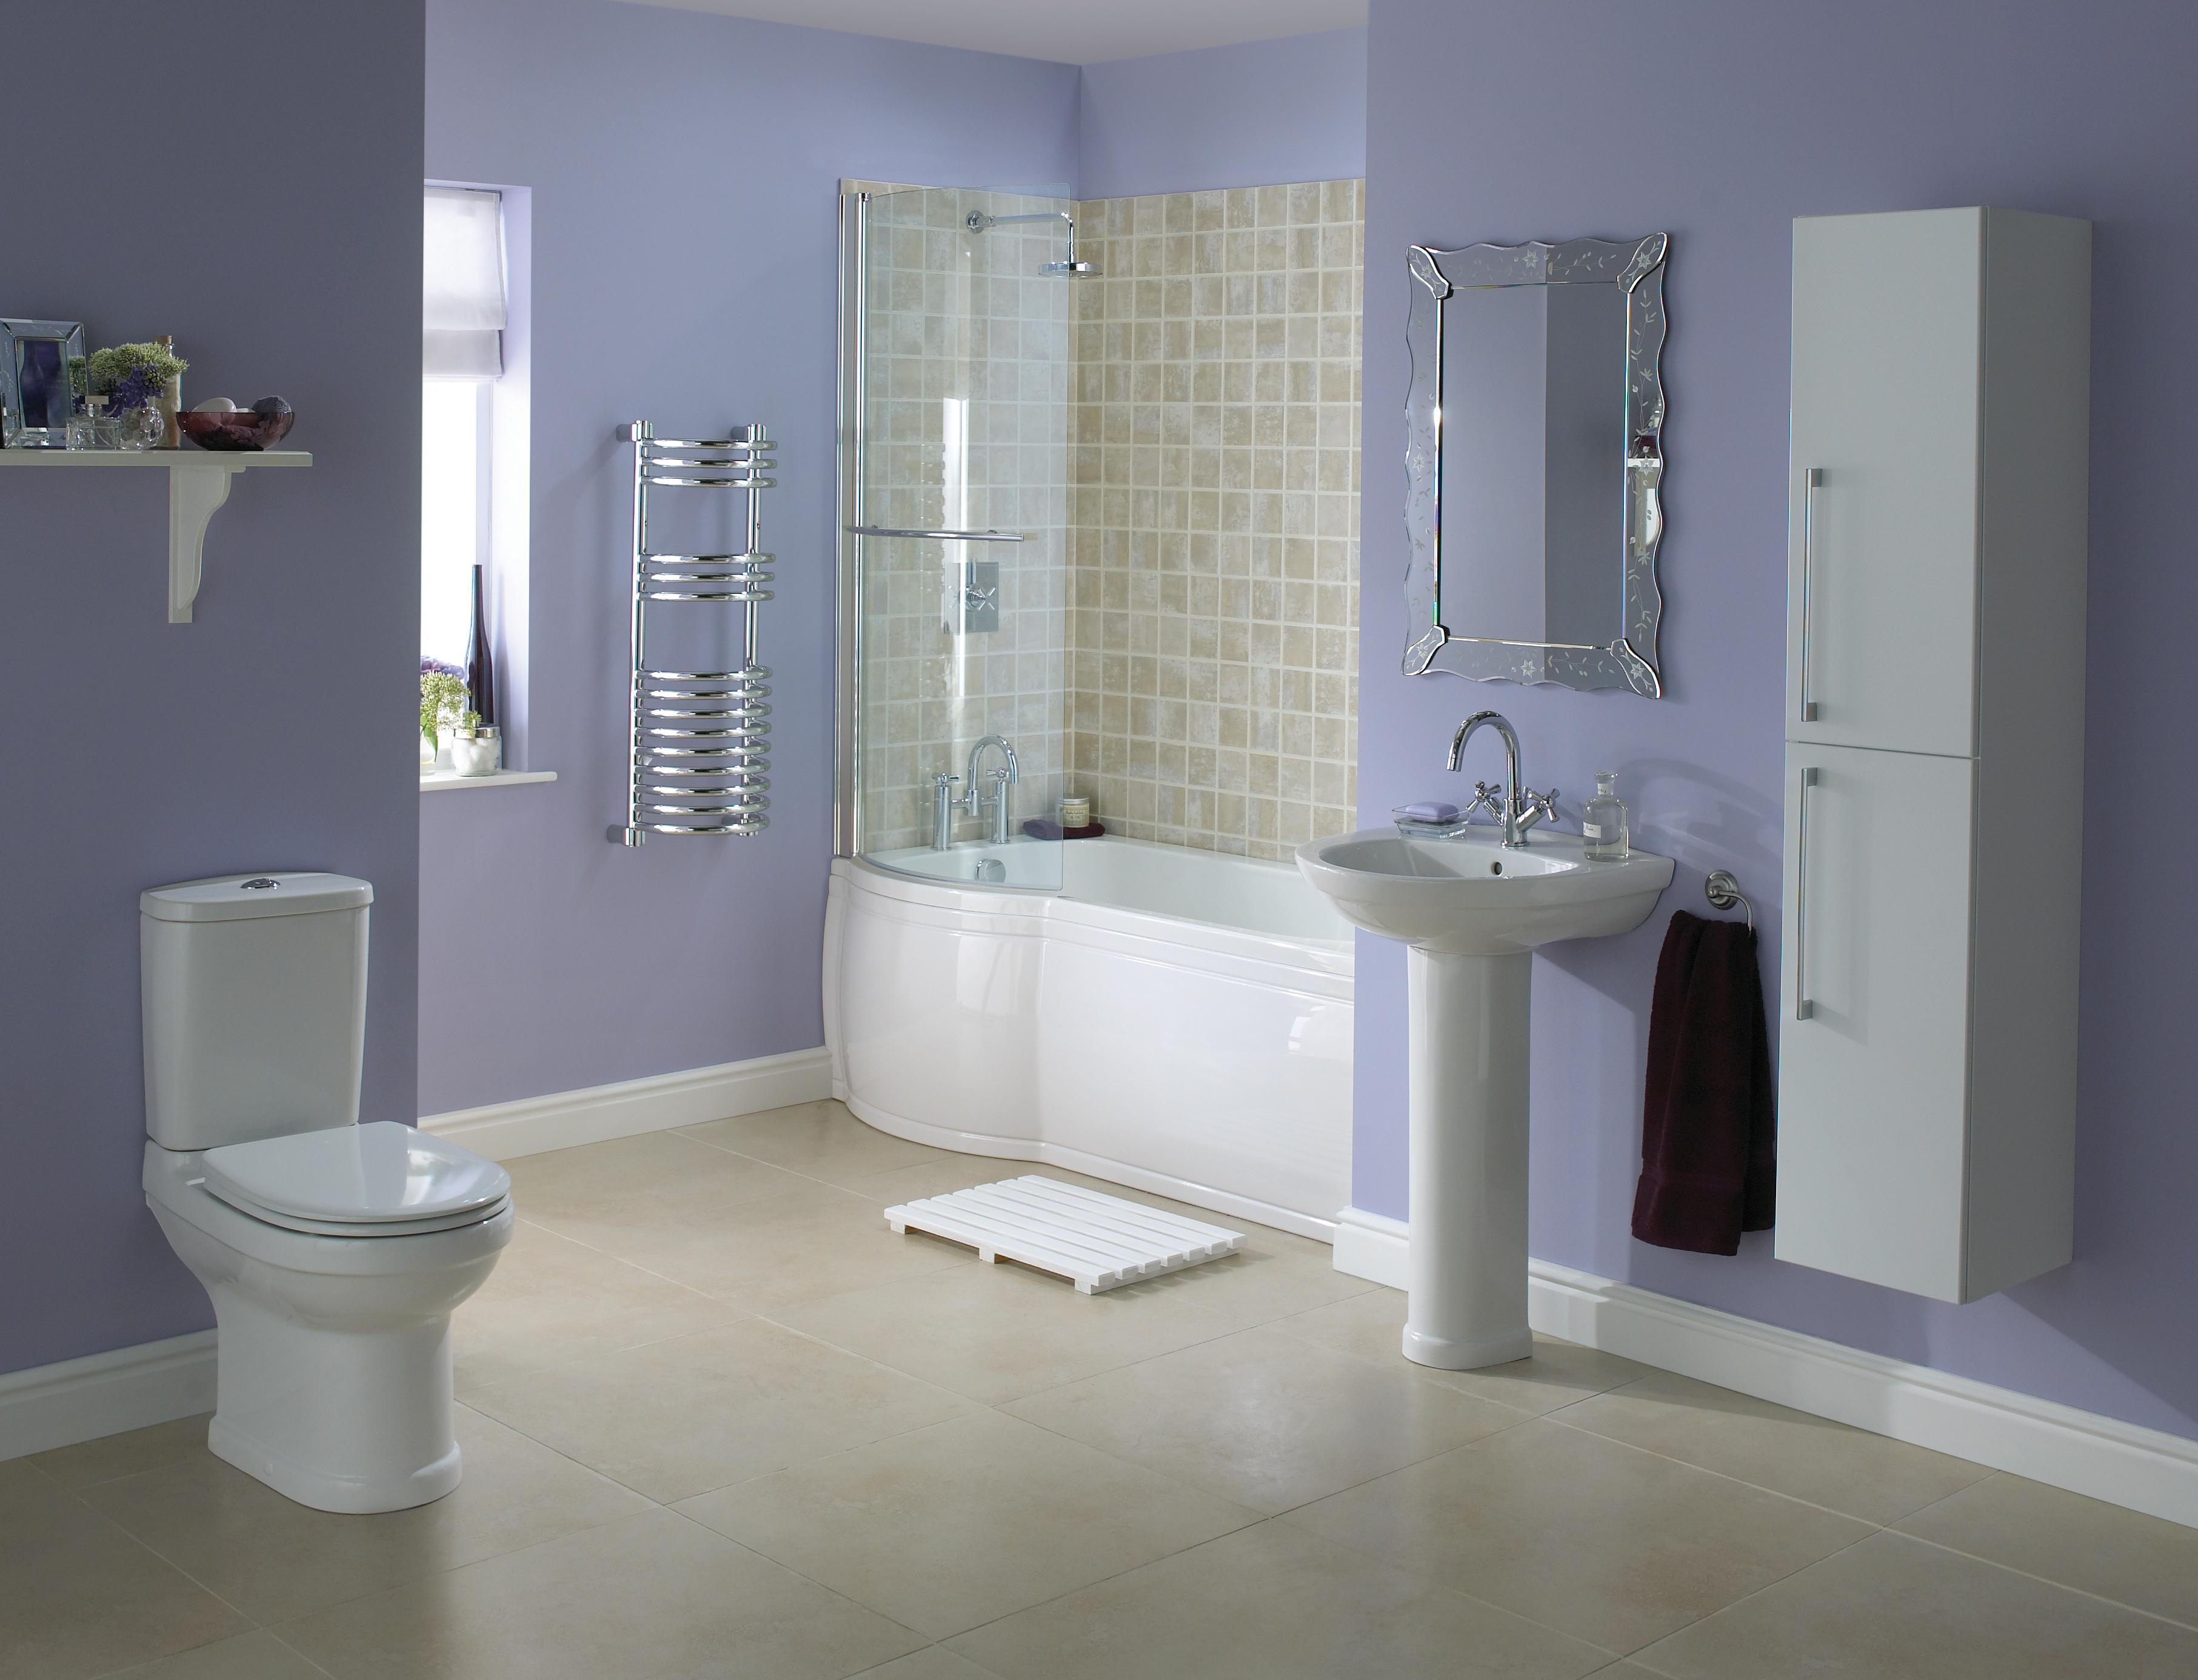 Capri Suite Glasgow Bathroom Design Installation Specialists Glasgow Bathroom Design